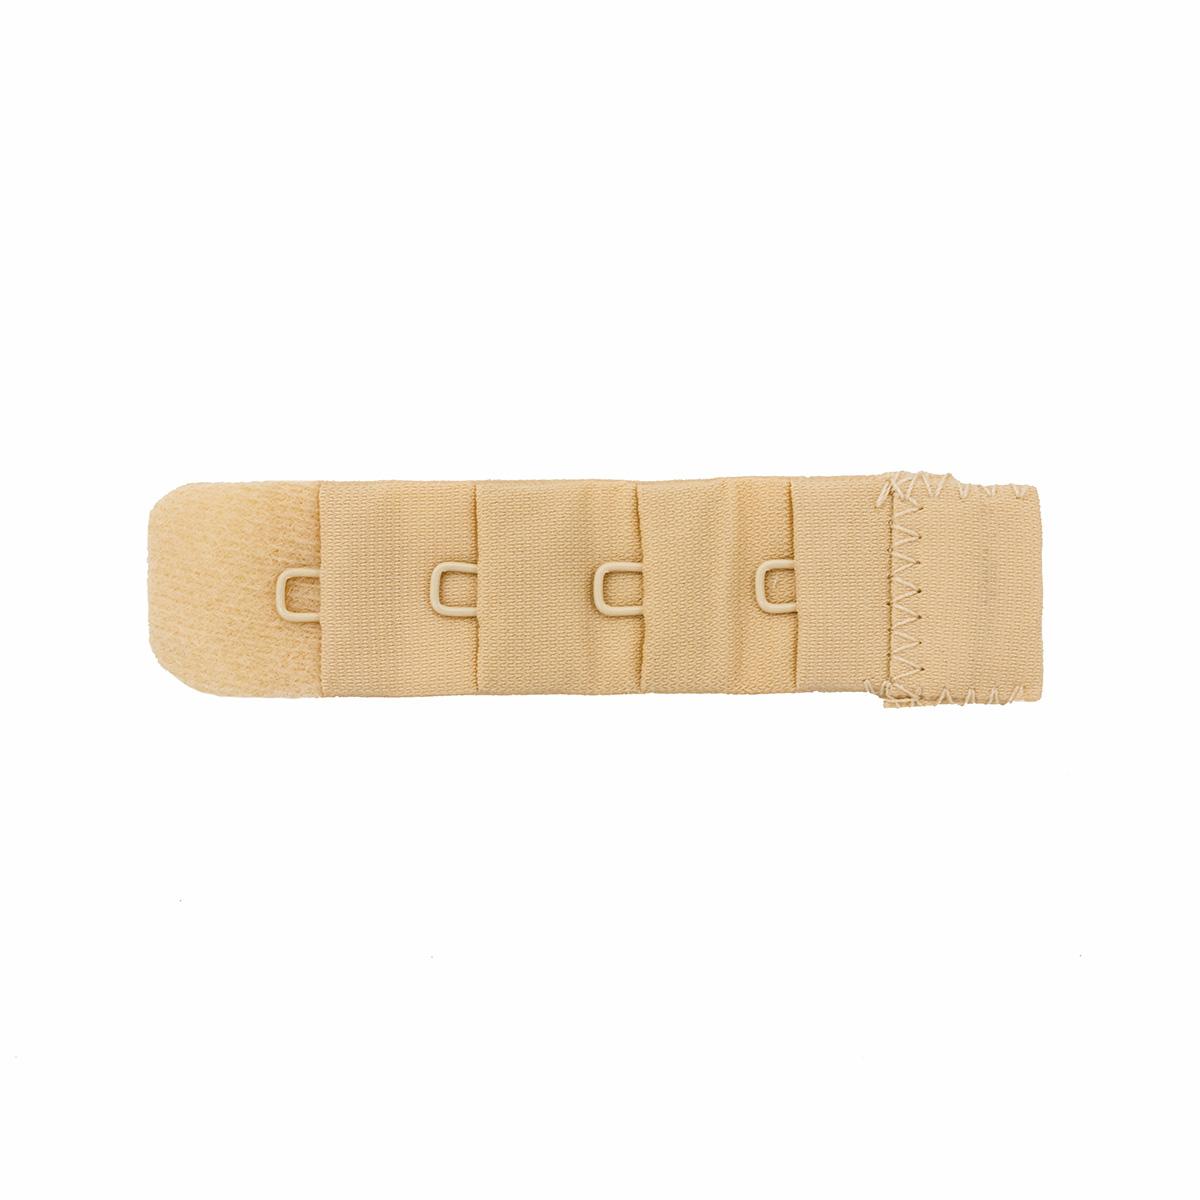 Застежка для увеличения объема бюстгальтера, 1 крючок, 1 шт., телесный 850003, Hobby&Pro